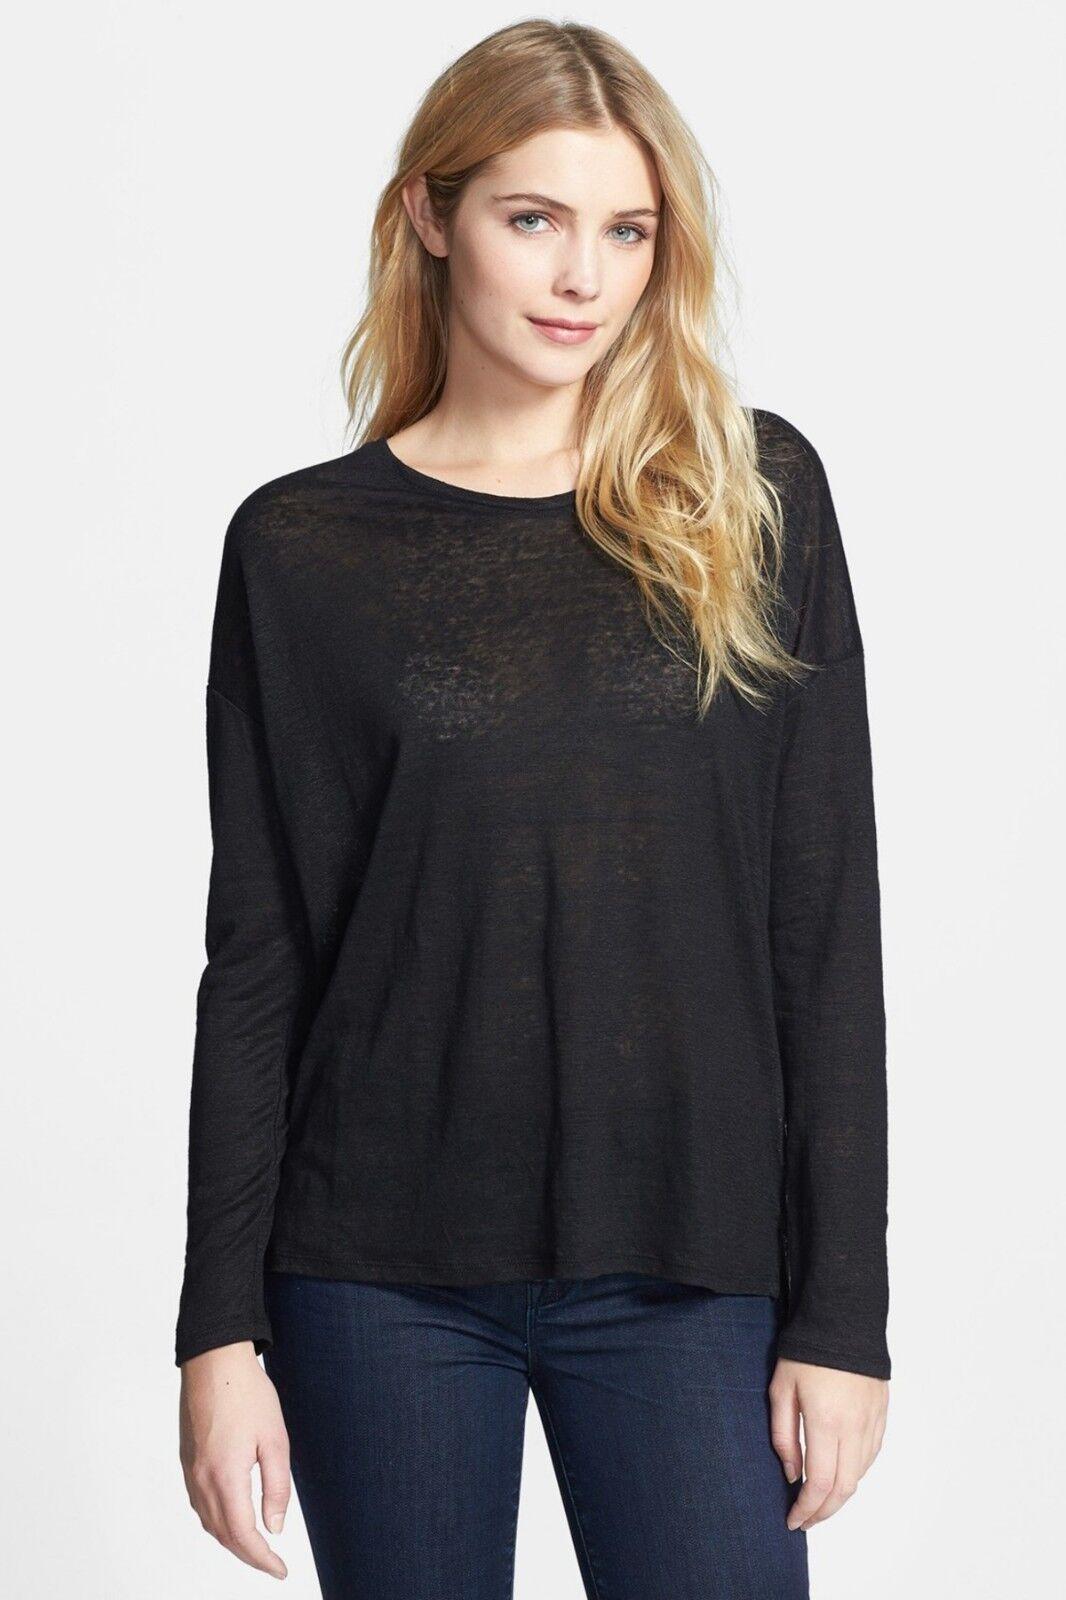 NWT- Vince Long Sleeve 100% Linen Tee Shirt, schwarz - Größe XXSmall